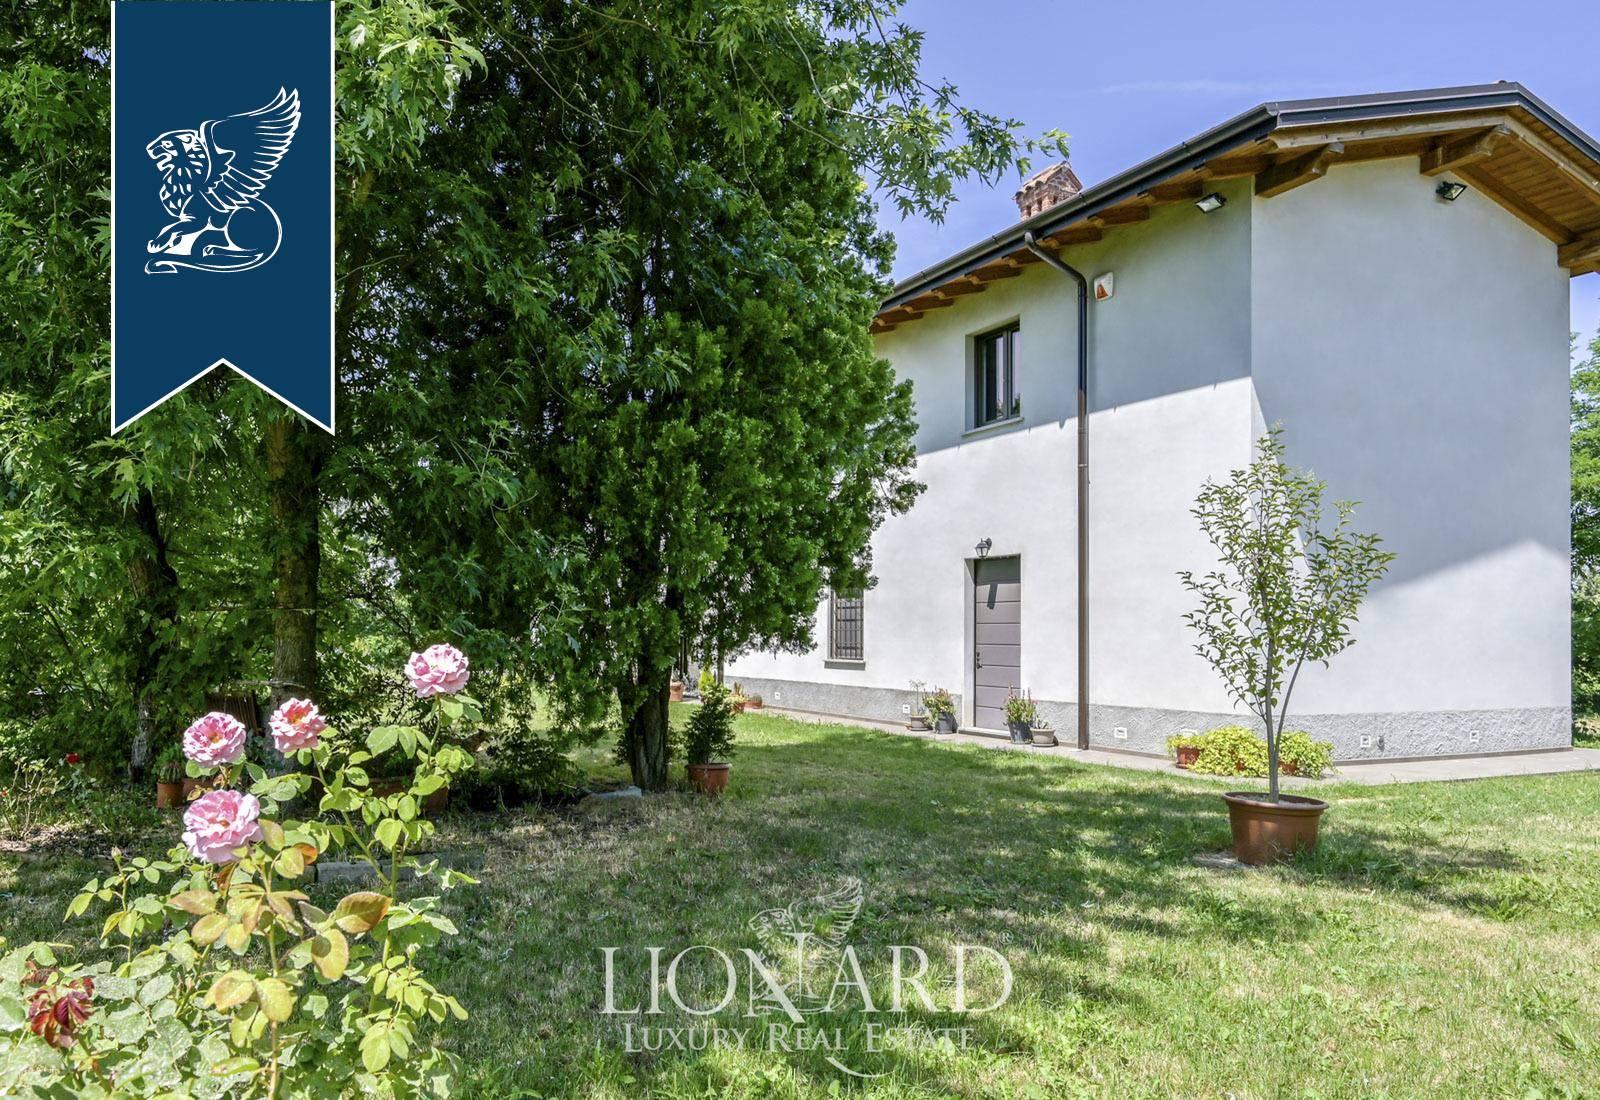 Villa in Vendita a Inverno E Monteleone: 0 locali, 500 mq - Foto 8